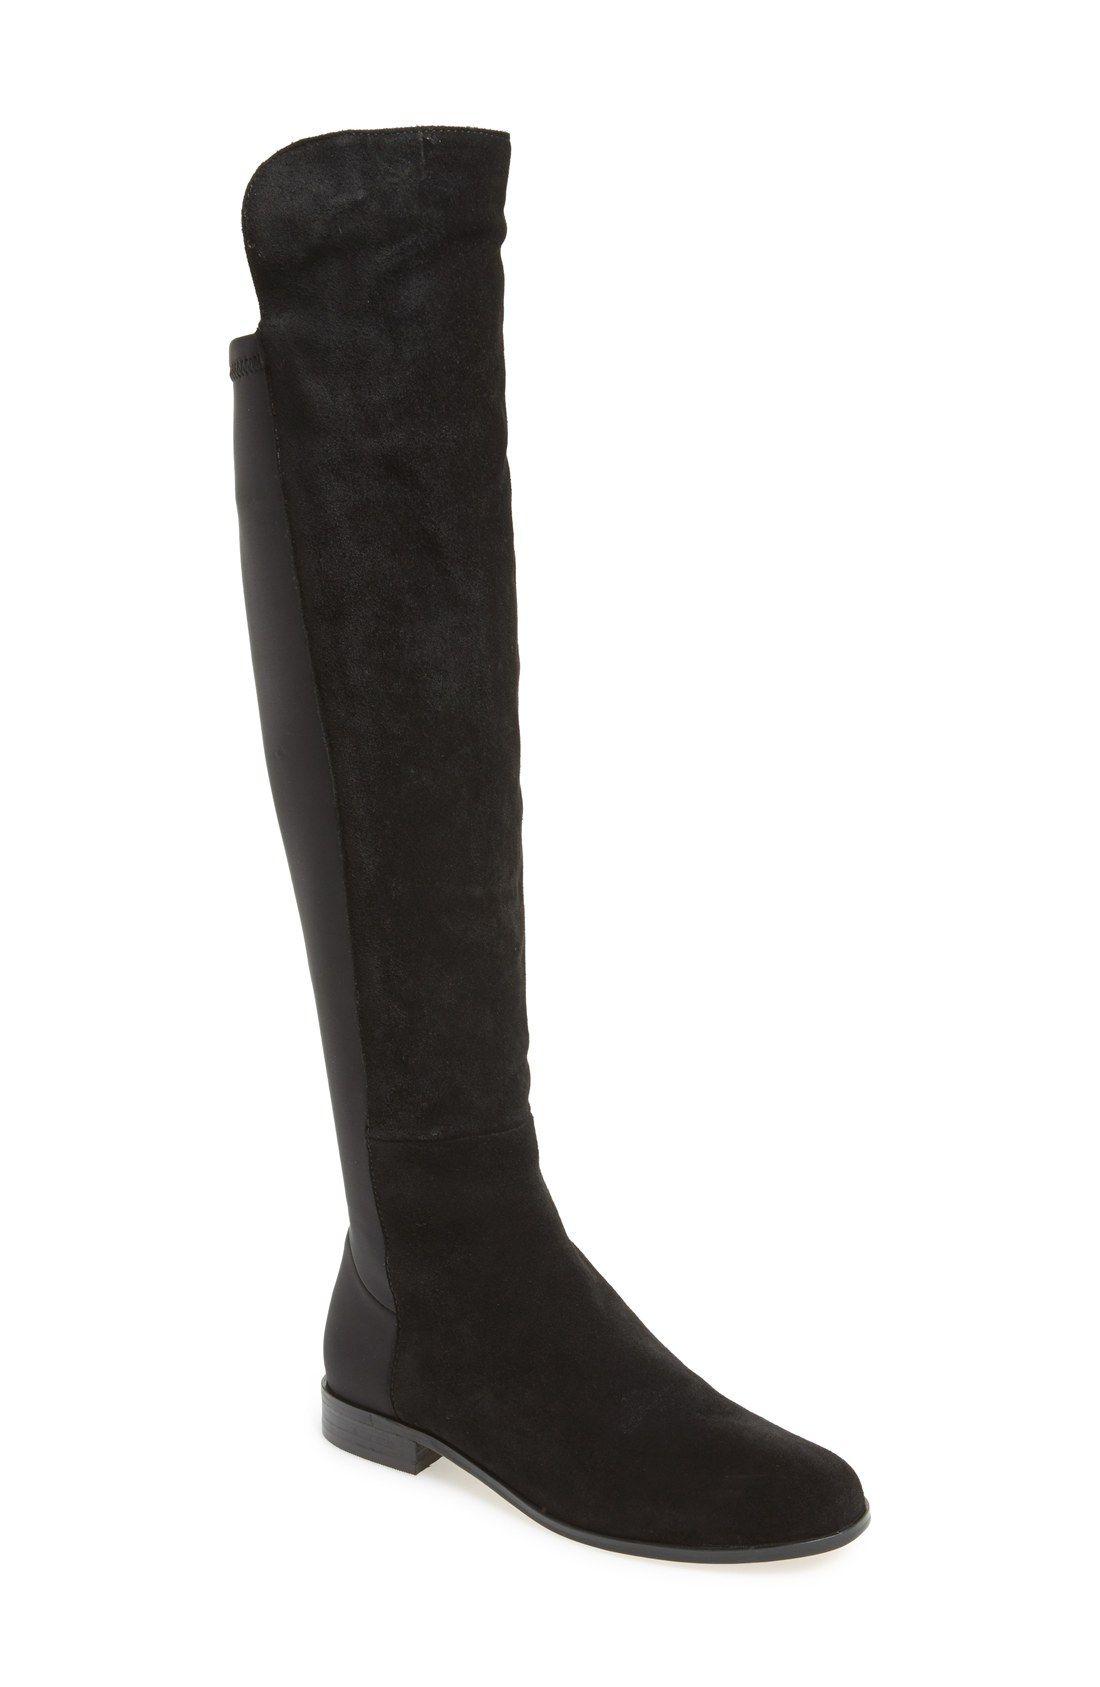 9bd62371c29 Corso Como  Laura  Over the Knee Boot (Women)